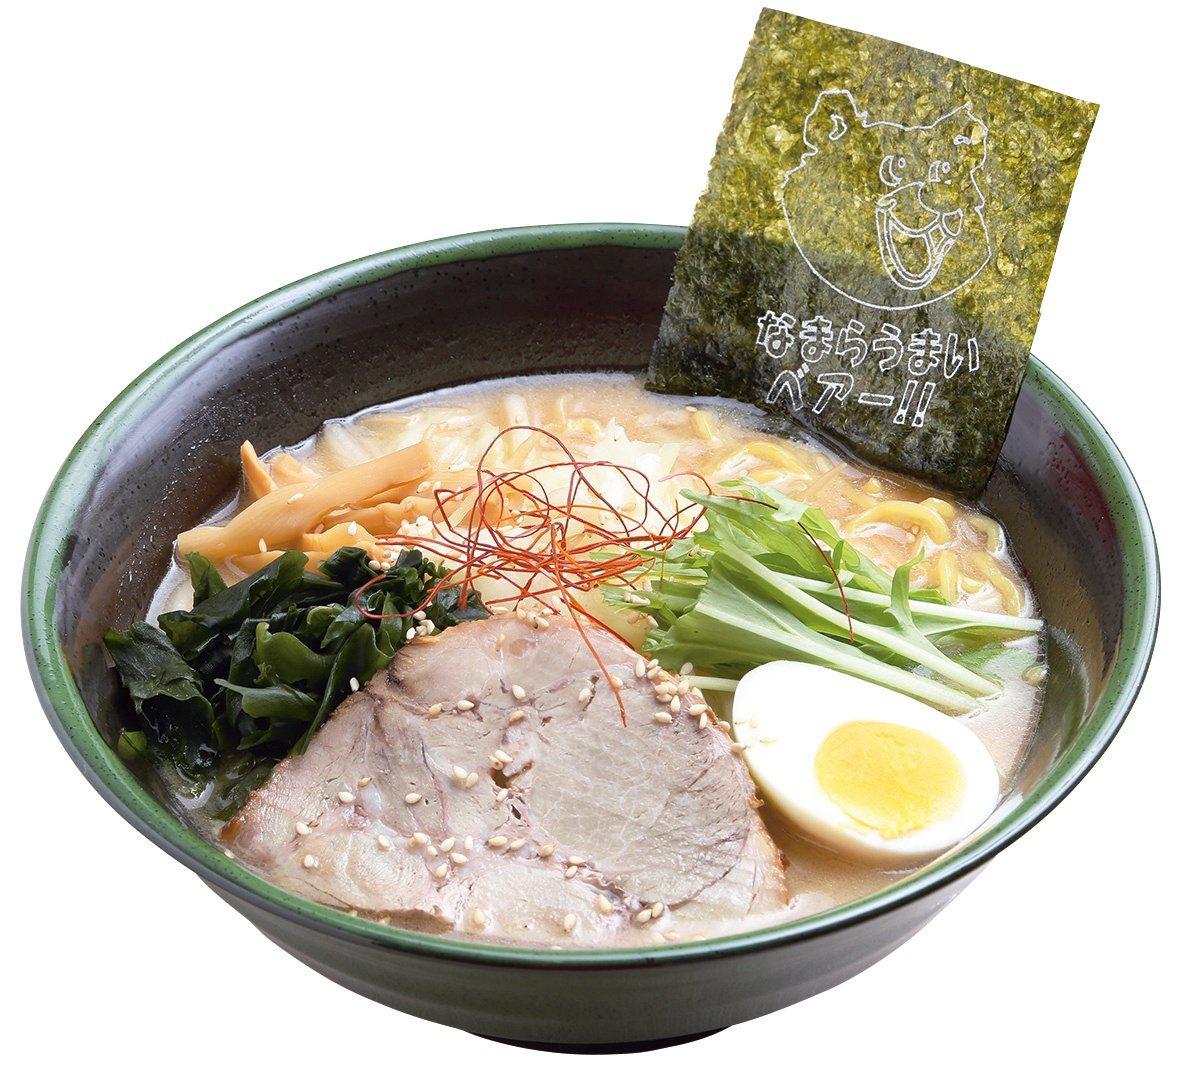 熊吉拉麵味噌拉麵,230元。圖/新光三越提供